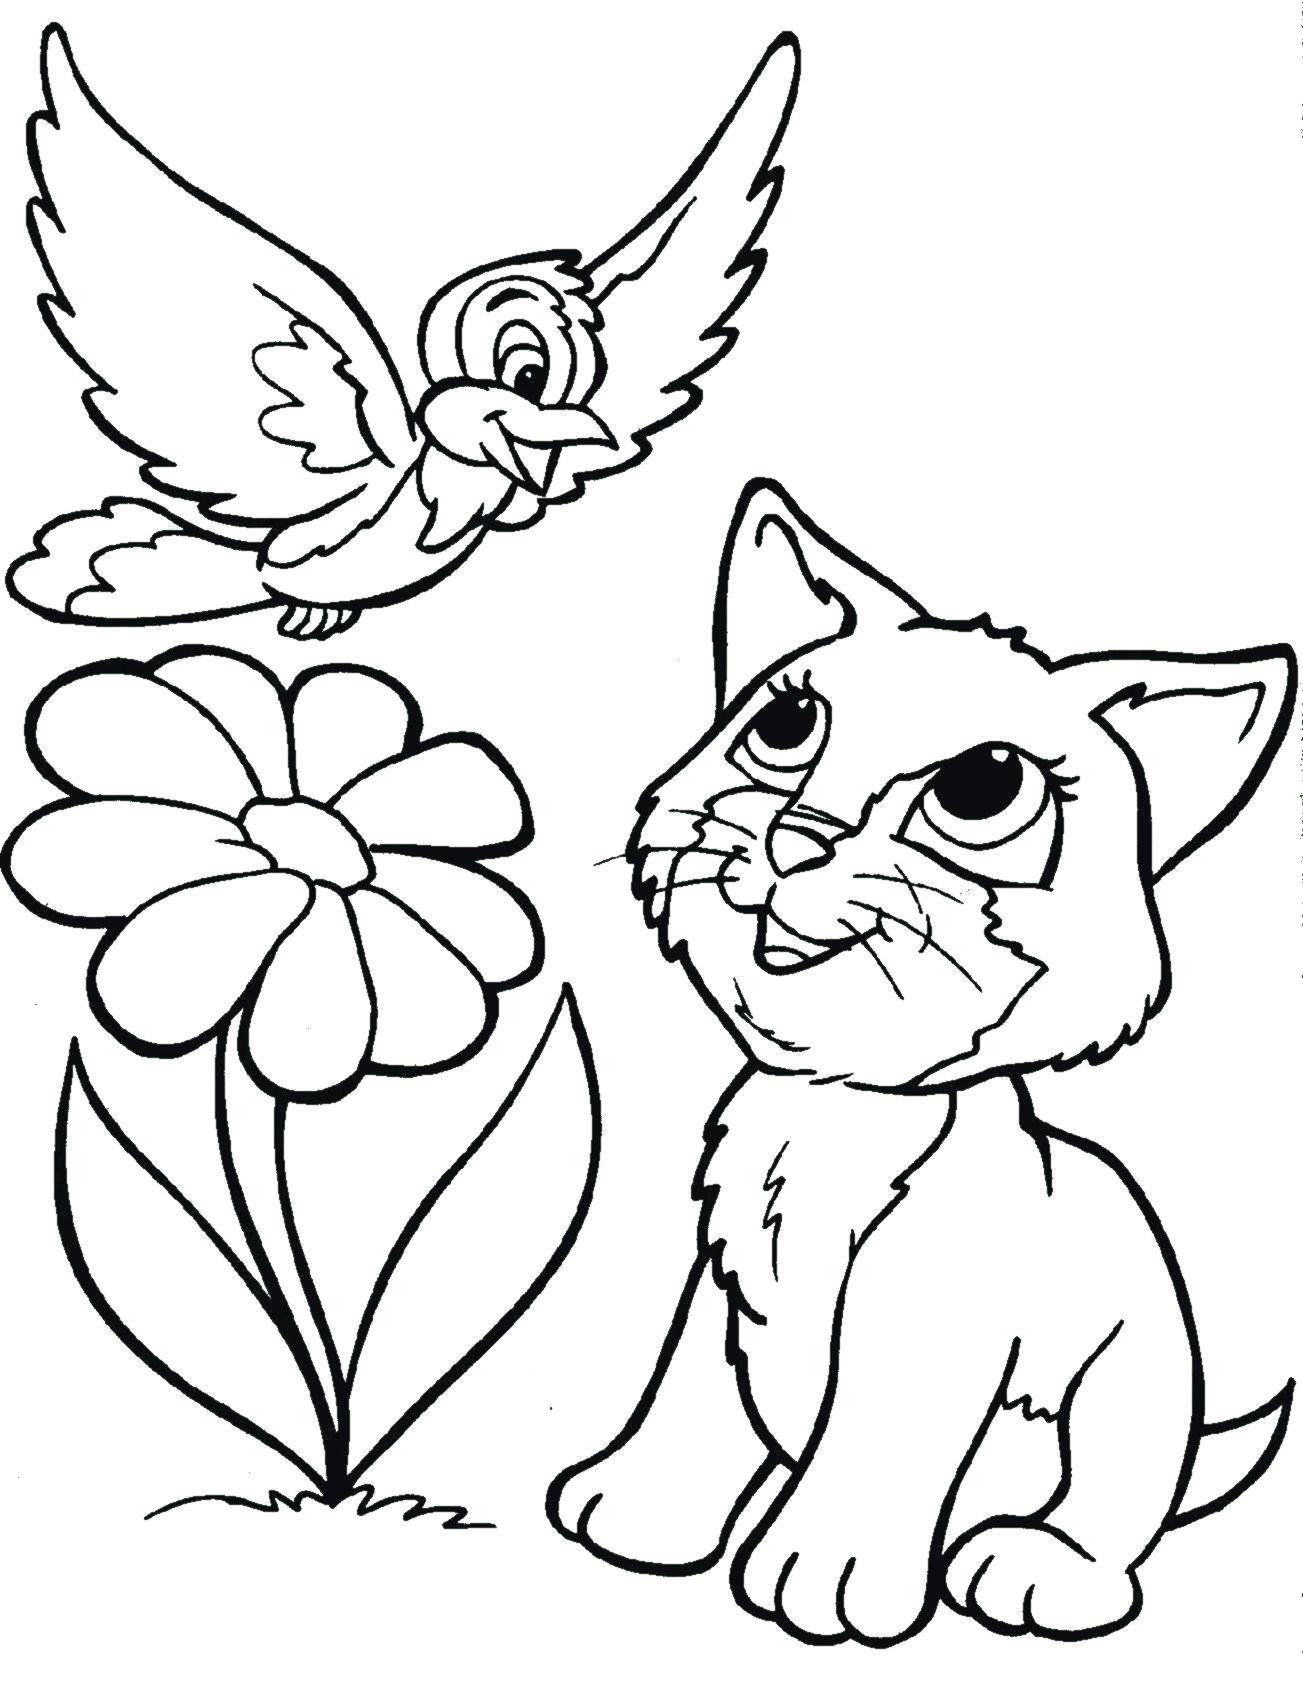 Tranh tô màu con mèo và con chim cực đẹp